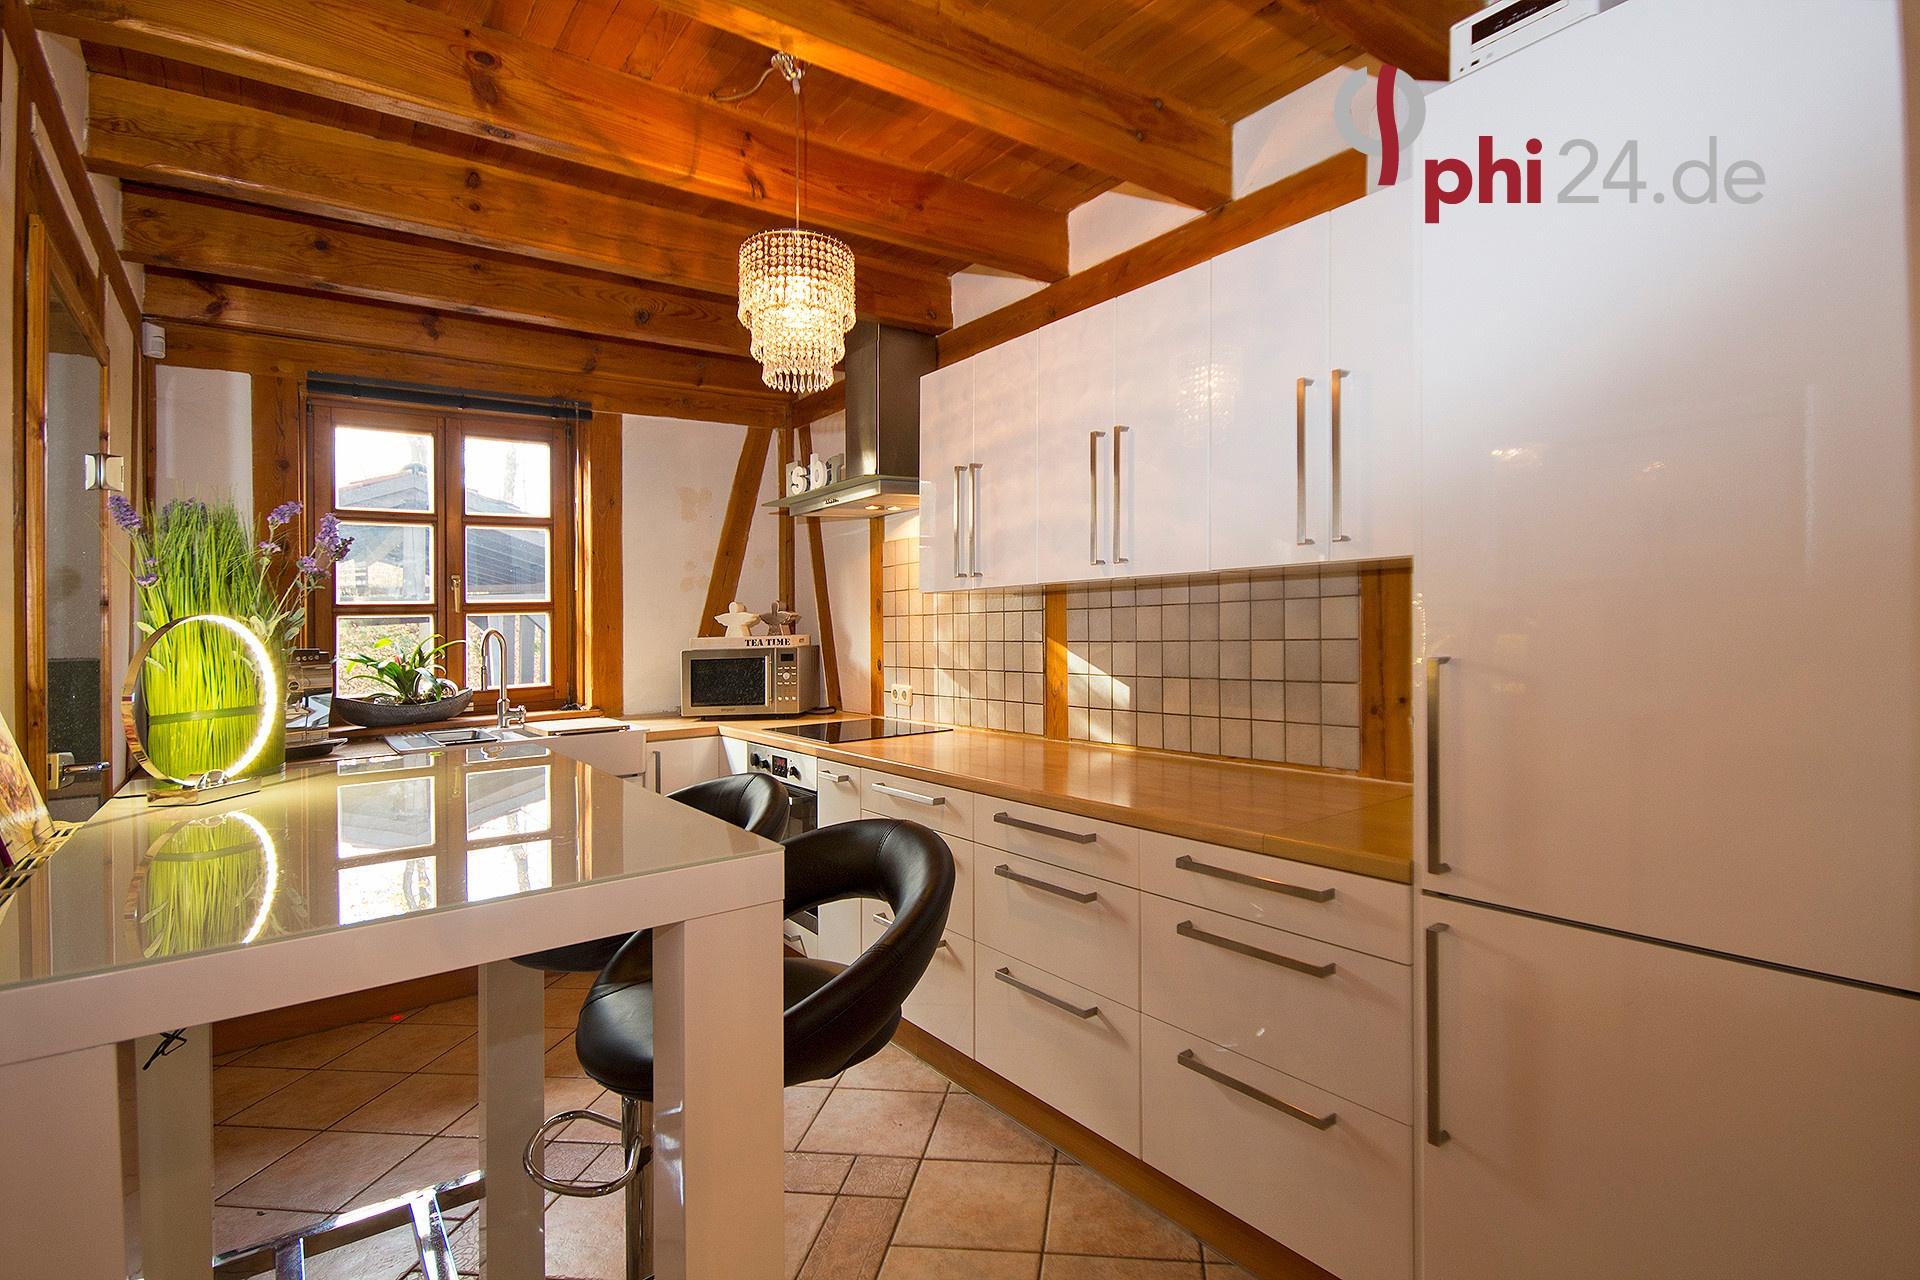 Immobilienmakler Übach-Palenberg Reihenmittelhaus referenzen mit Immobilienbewertung